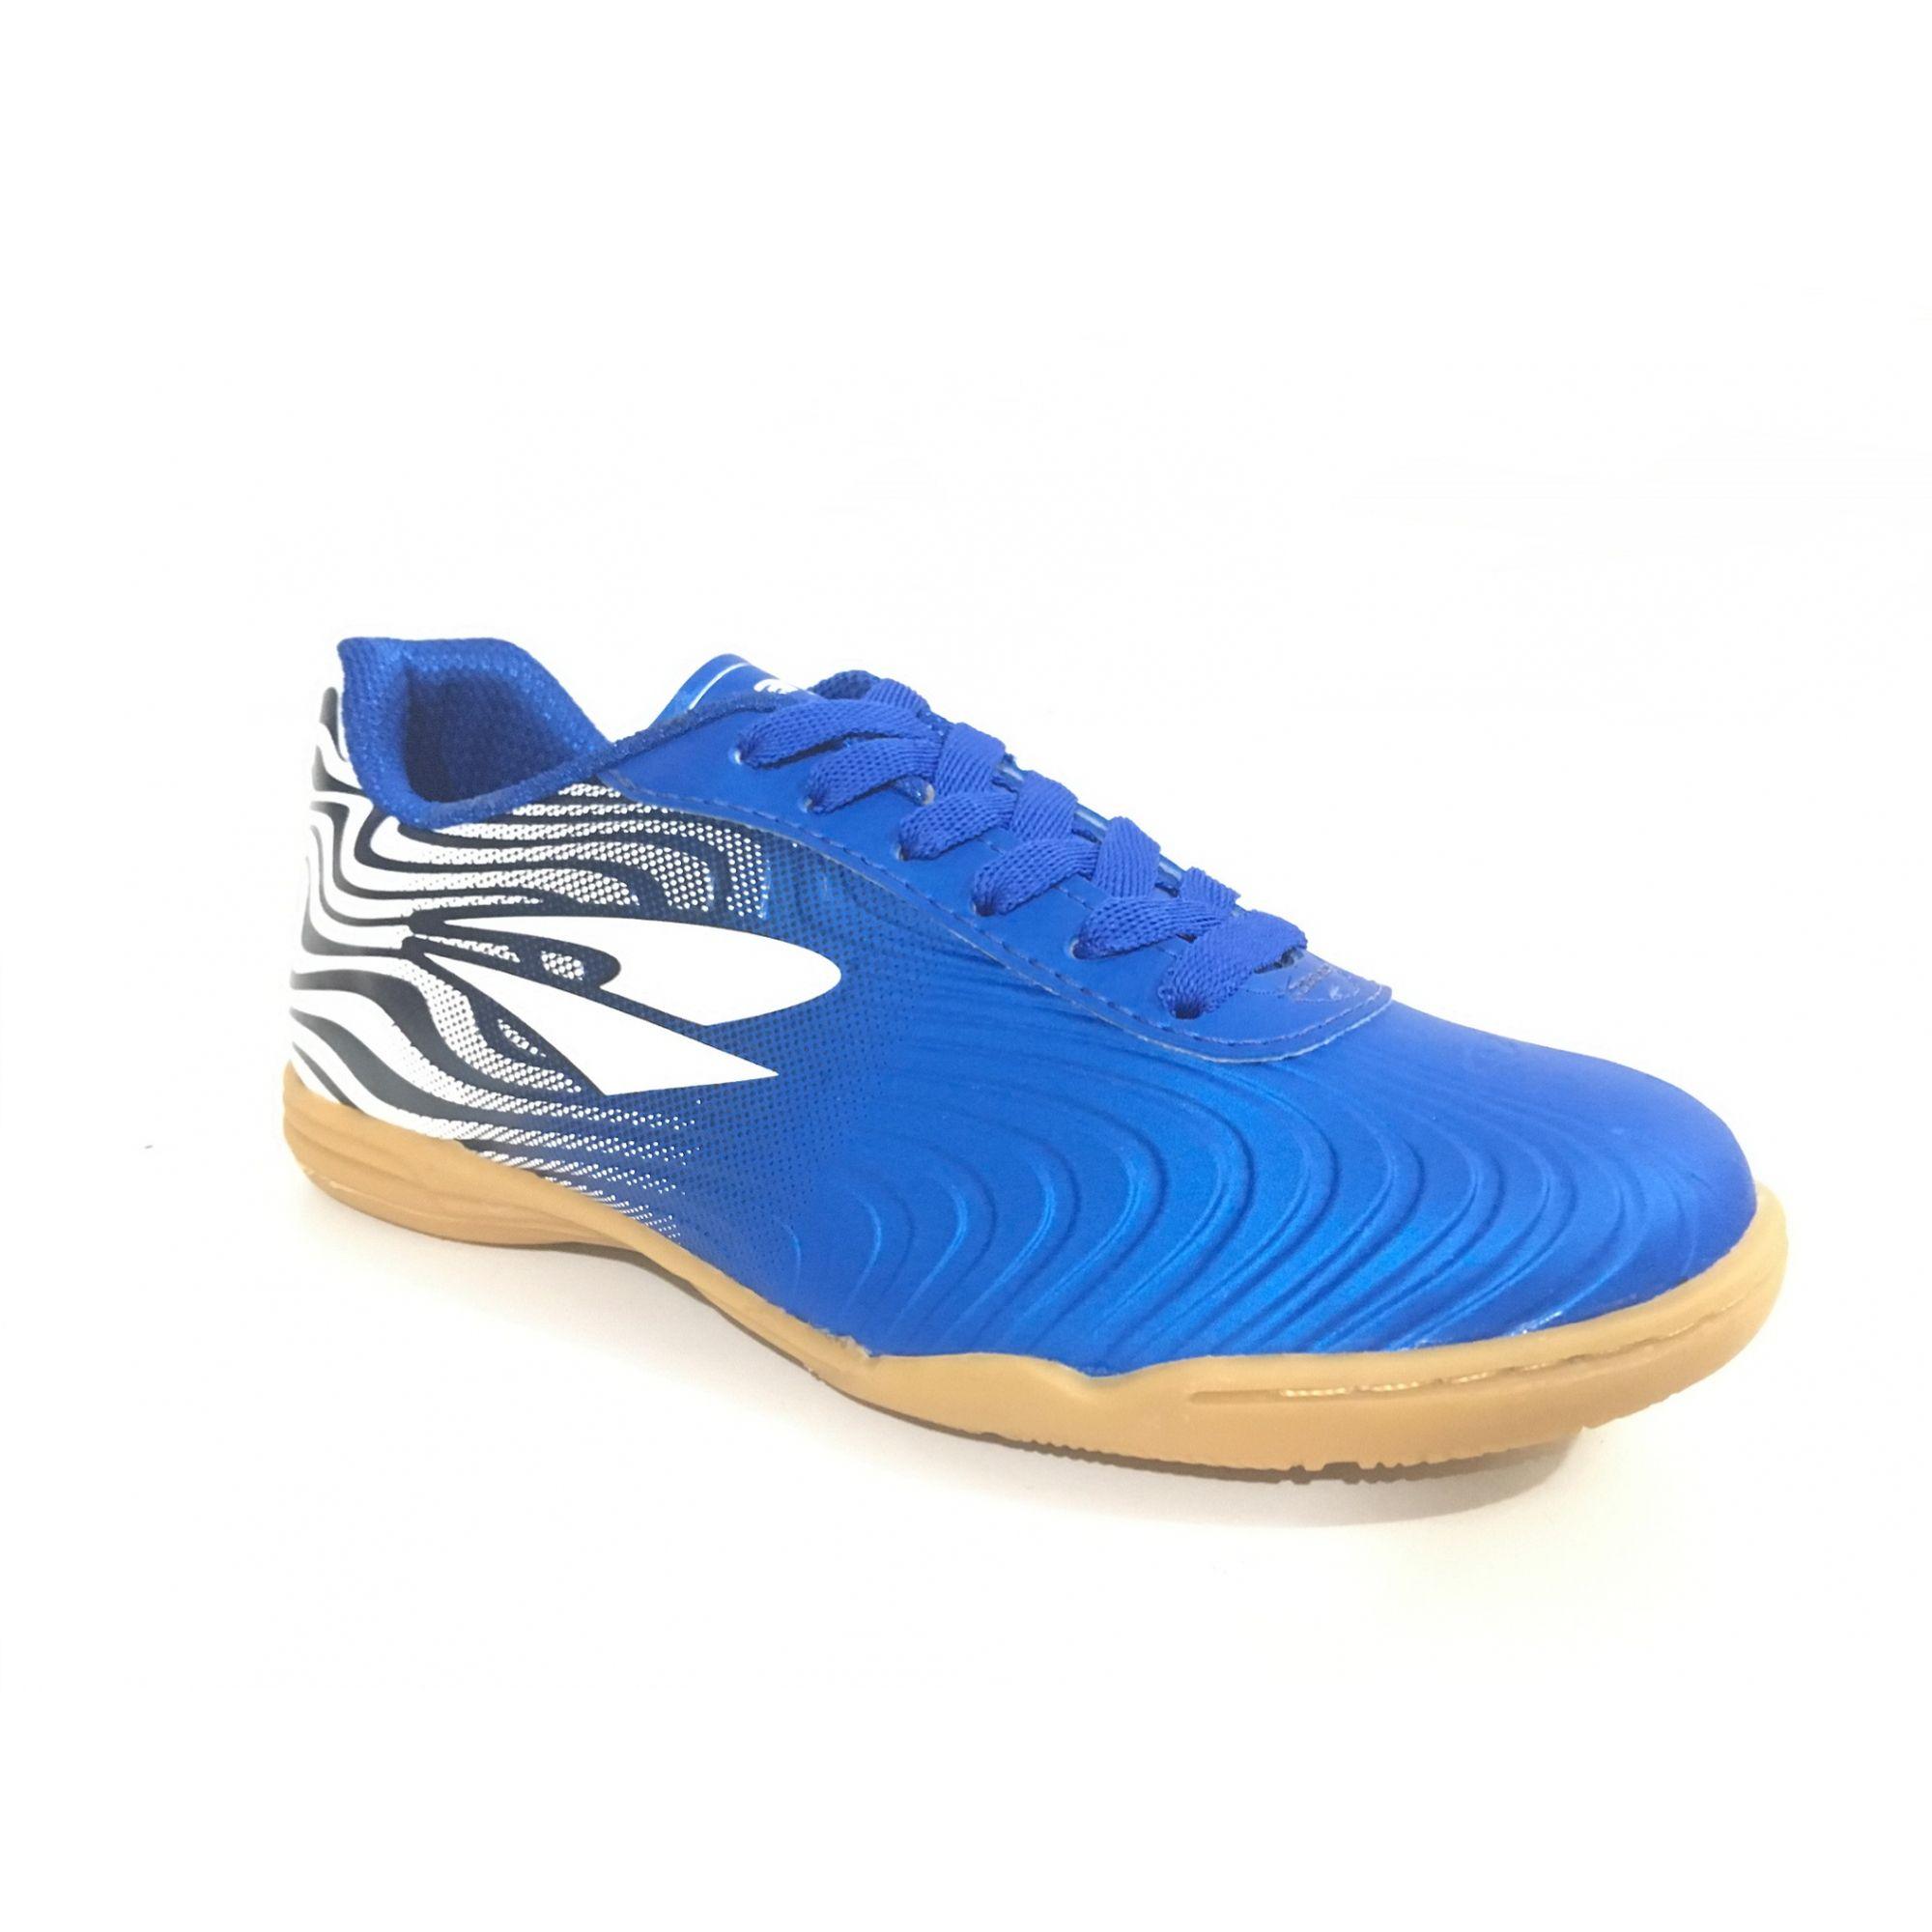 Chuteira Futsal Dray Topfly X2 Adulto - Azul/Branco